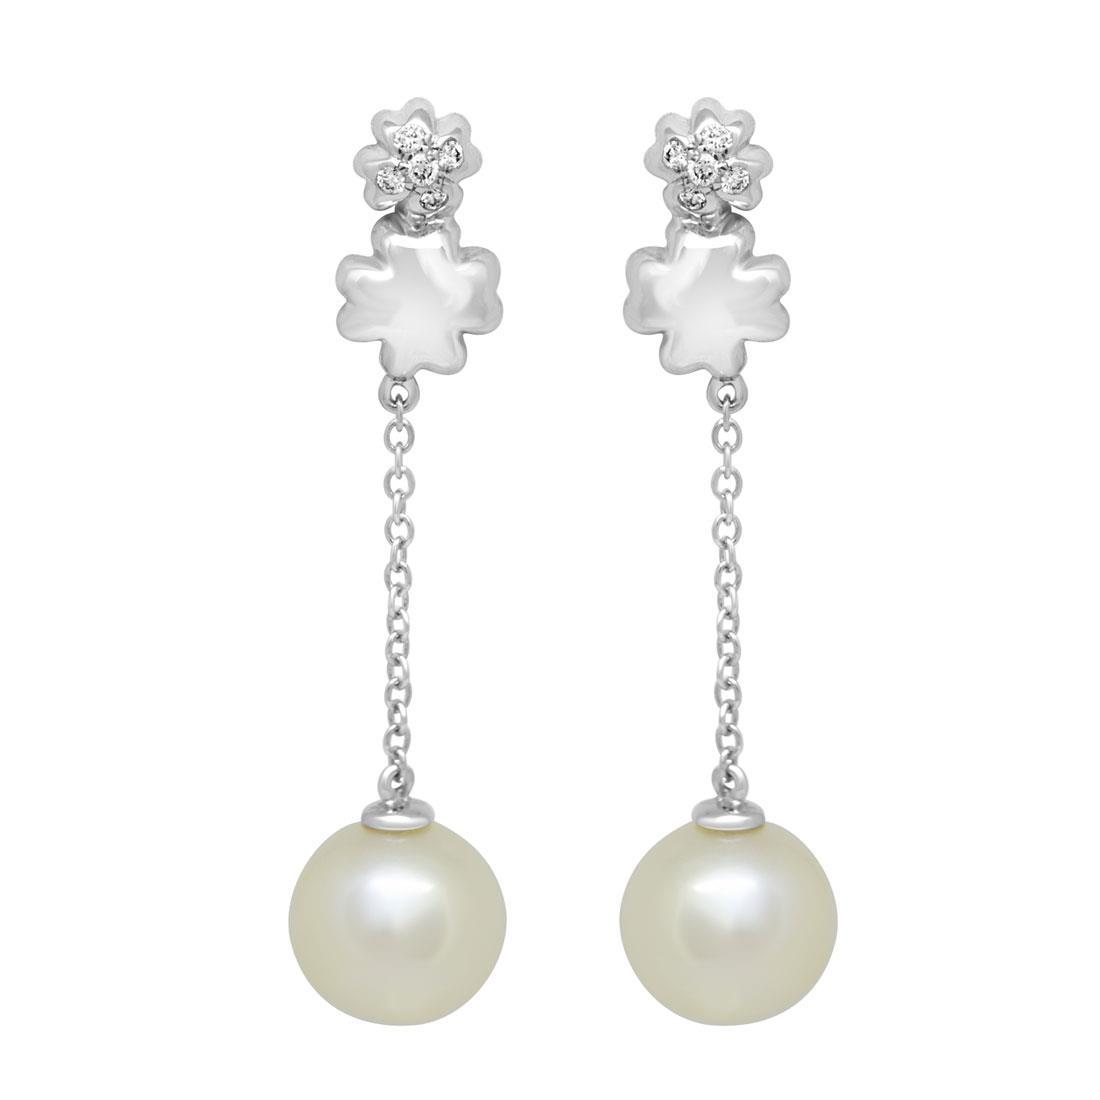 Orecchini in oro bianco con perle e diamanti - BLISS